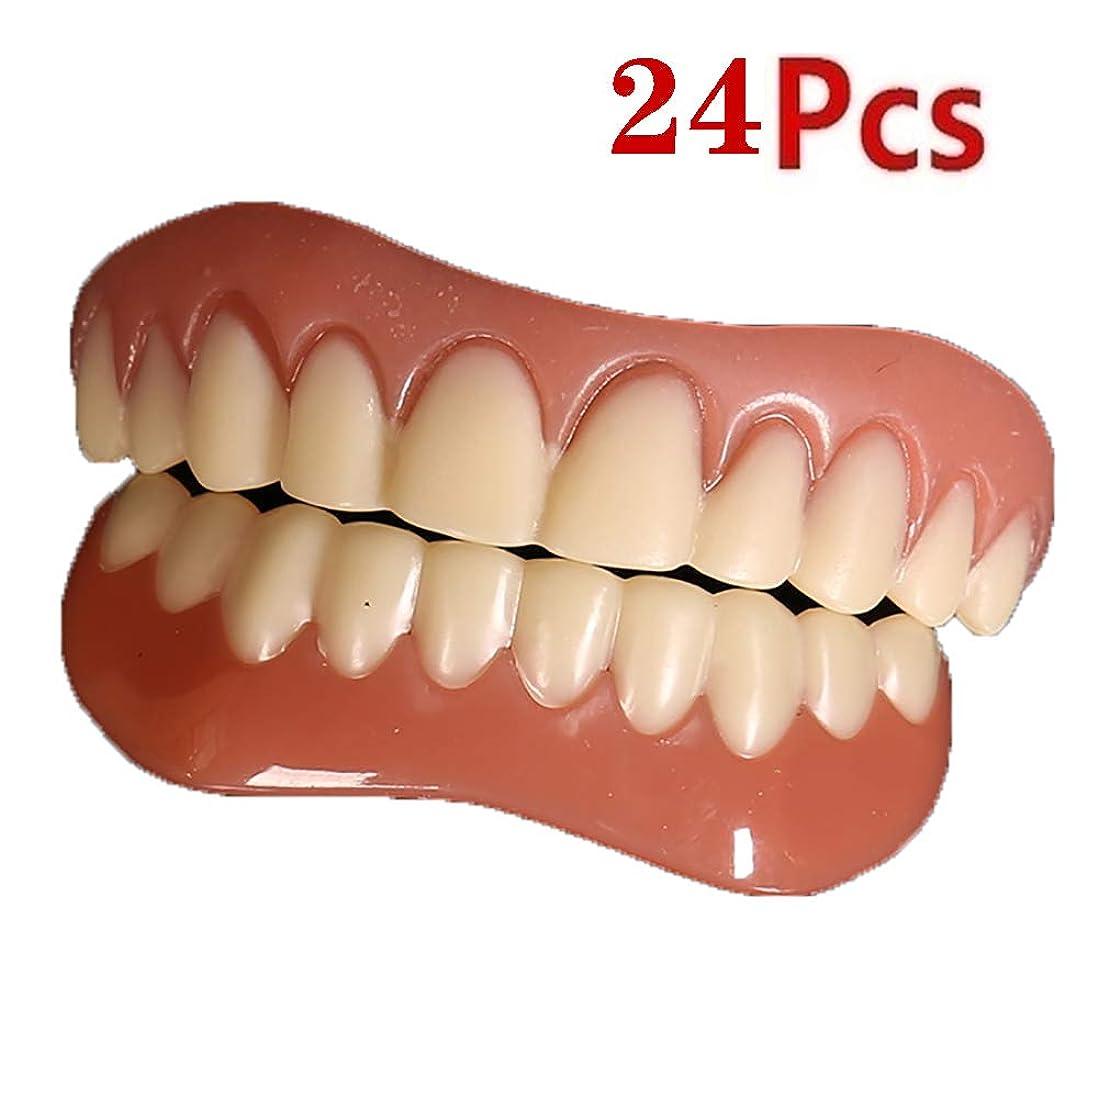 謙虚な圧縮追い出す歯のベニヤ化粧品の歯スナップオンセキュアアッパーローワーコンフォートフィットティースベニヤワンサイズフィットすべての義歯ケアツール、12ペア(12pcs Upper + 12pcs Lower)